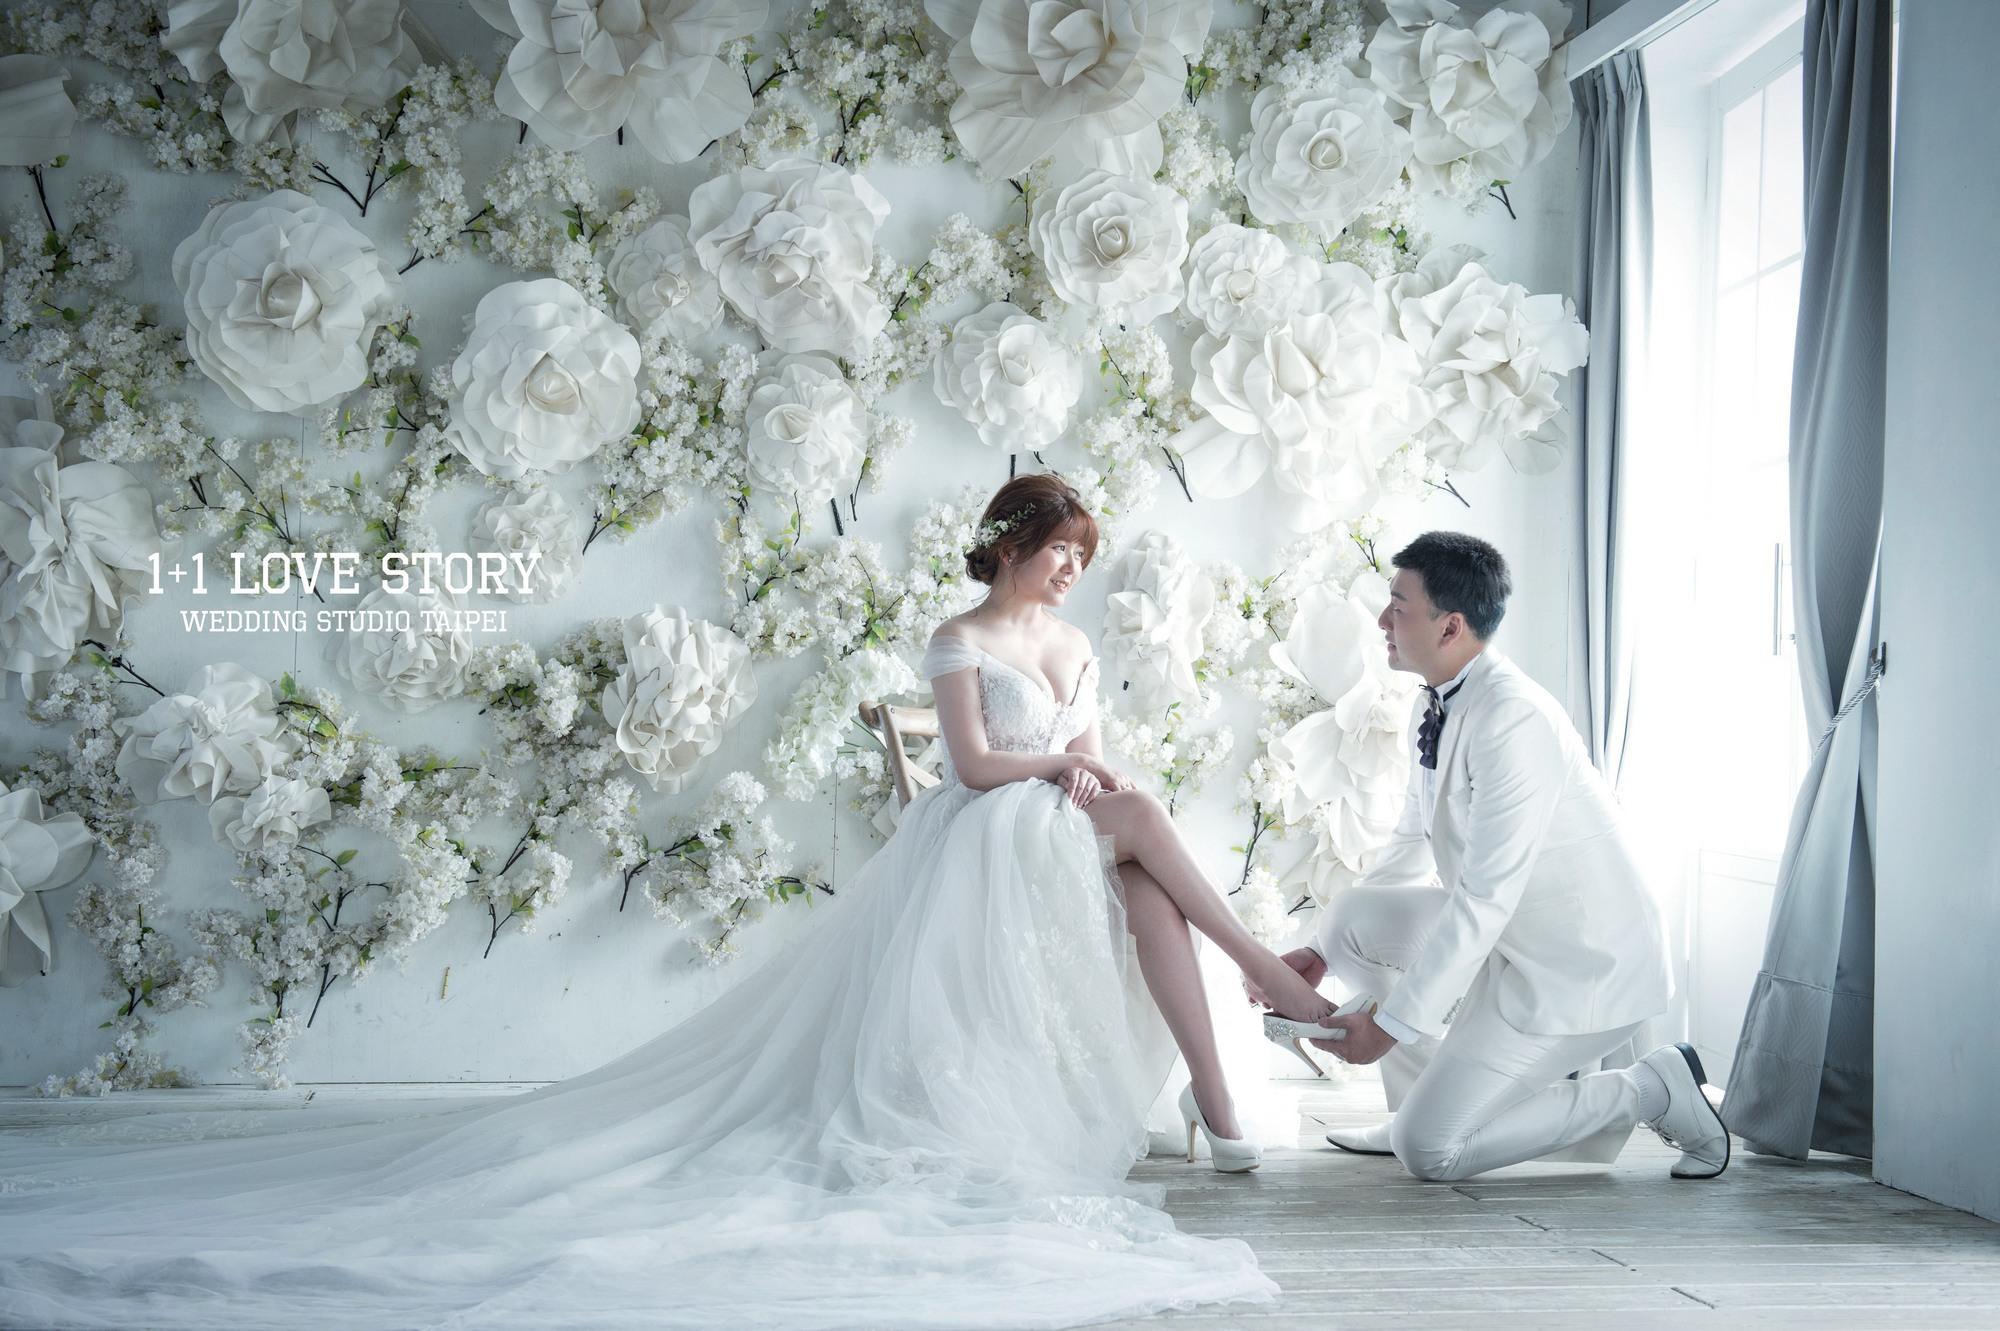 婚紗攝影,拍婚紗,婚紗照,自助婚紗,婚紗推薦,婚紗攝影推薦,拍婚紗價格,婚紗工作室,手工婚紗,婚紗照風格,婚紗照姿勢,婚紗禮服